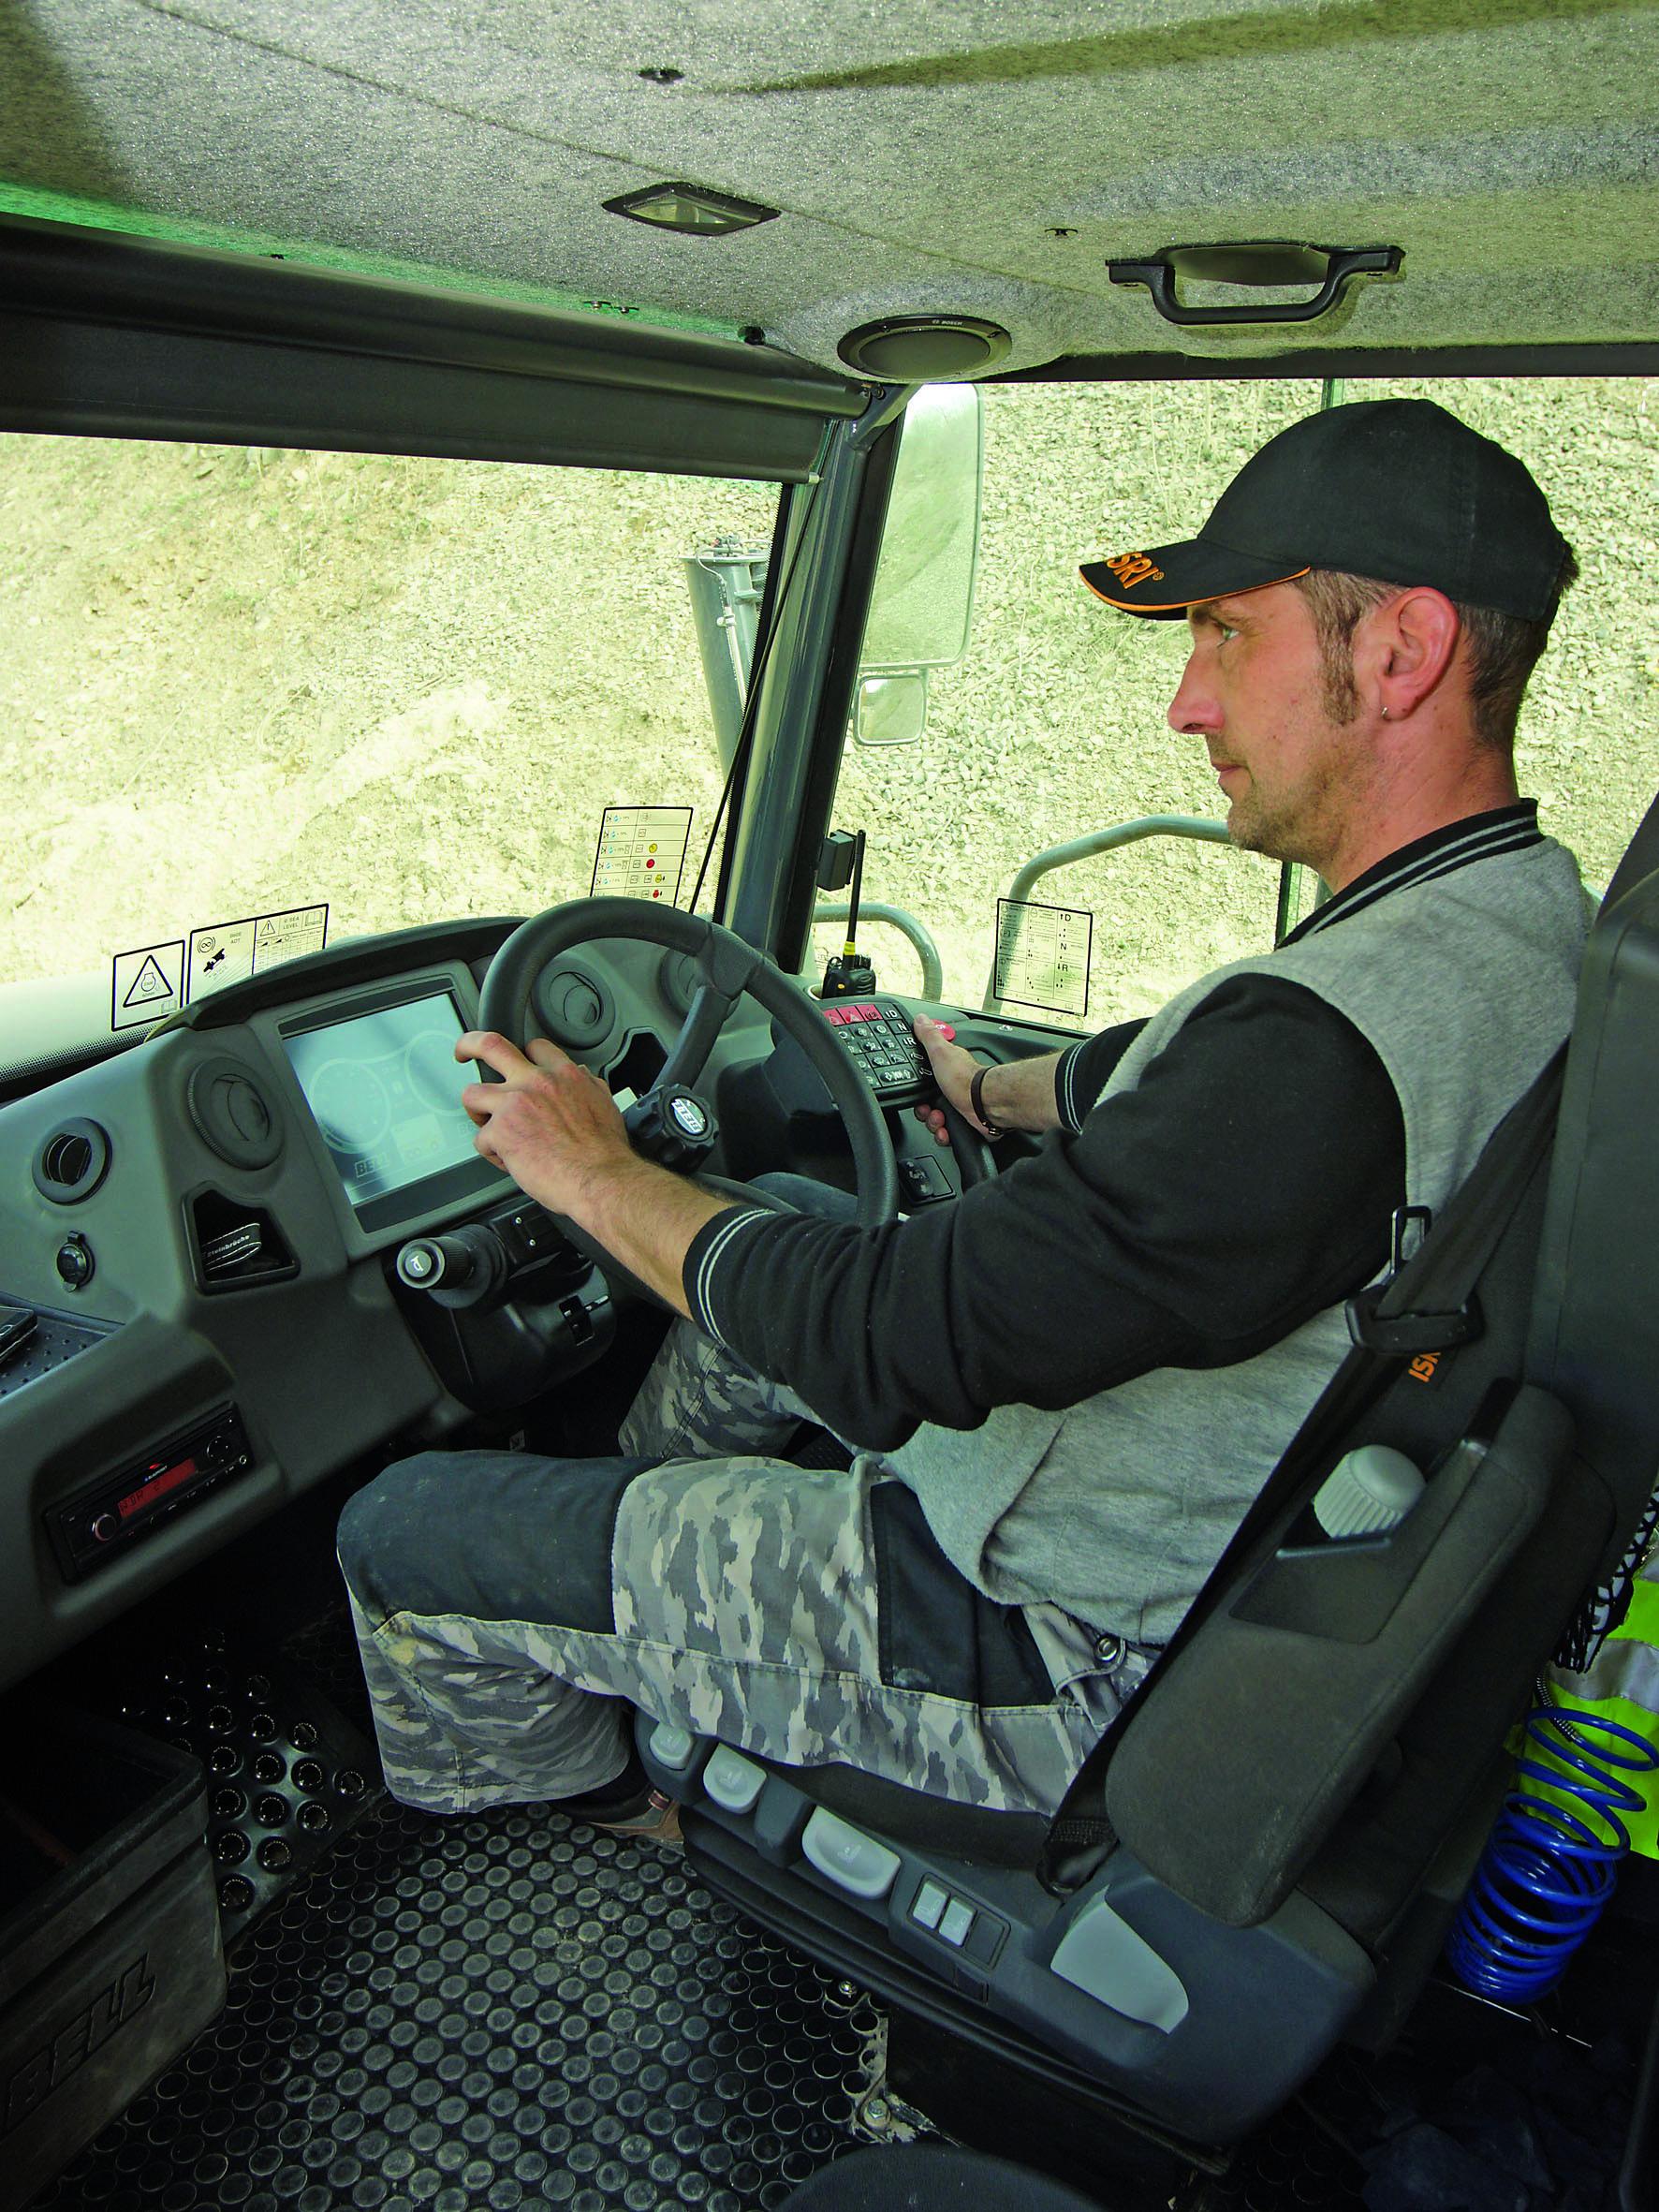 Fahrer Mike Bretten in der Bell-Standardkabine mit übersichtlichem und ergonomisch vorbildlichem Arbeitsplatz. Nach jahrelanger Knicklenker-Erfahrung bereitete die Umstellung auf die neue Dimension keinerlei Probleme. (Foto: Bell Equipment/tb)